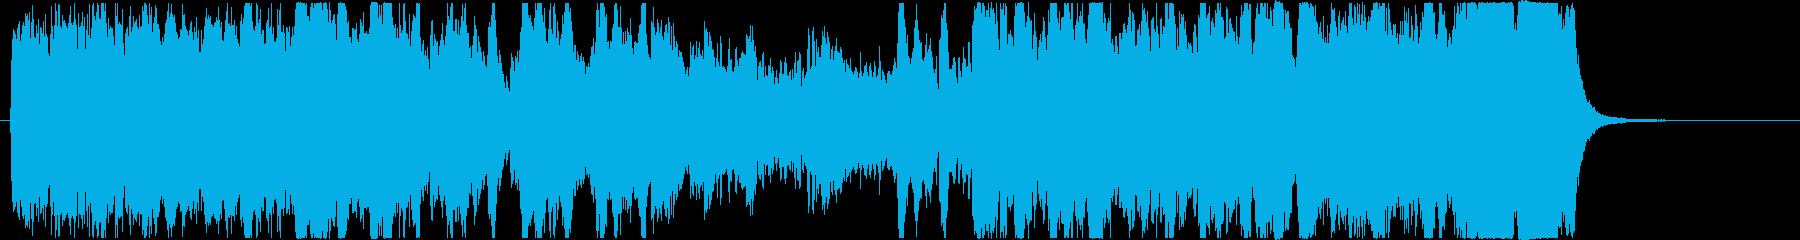 躍動感あるゲーム・動画OP向け/オケ楽曲の再生済みの波形